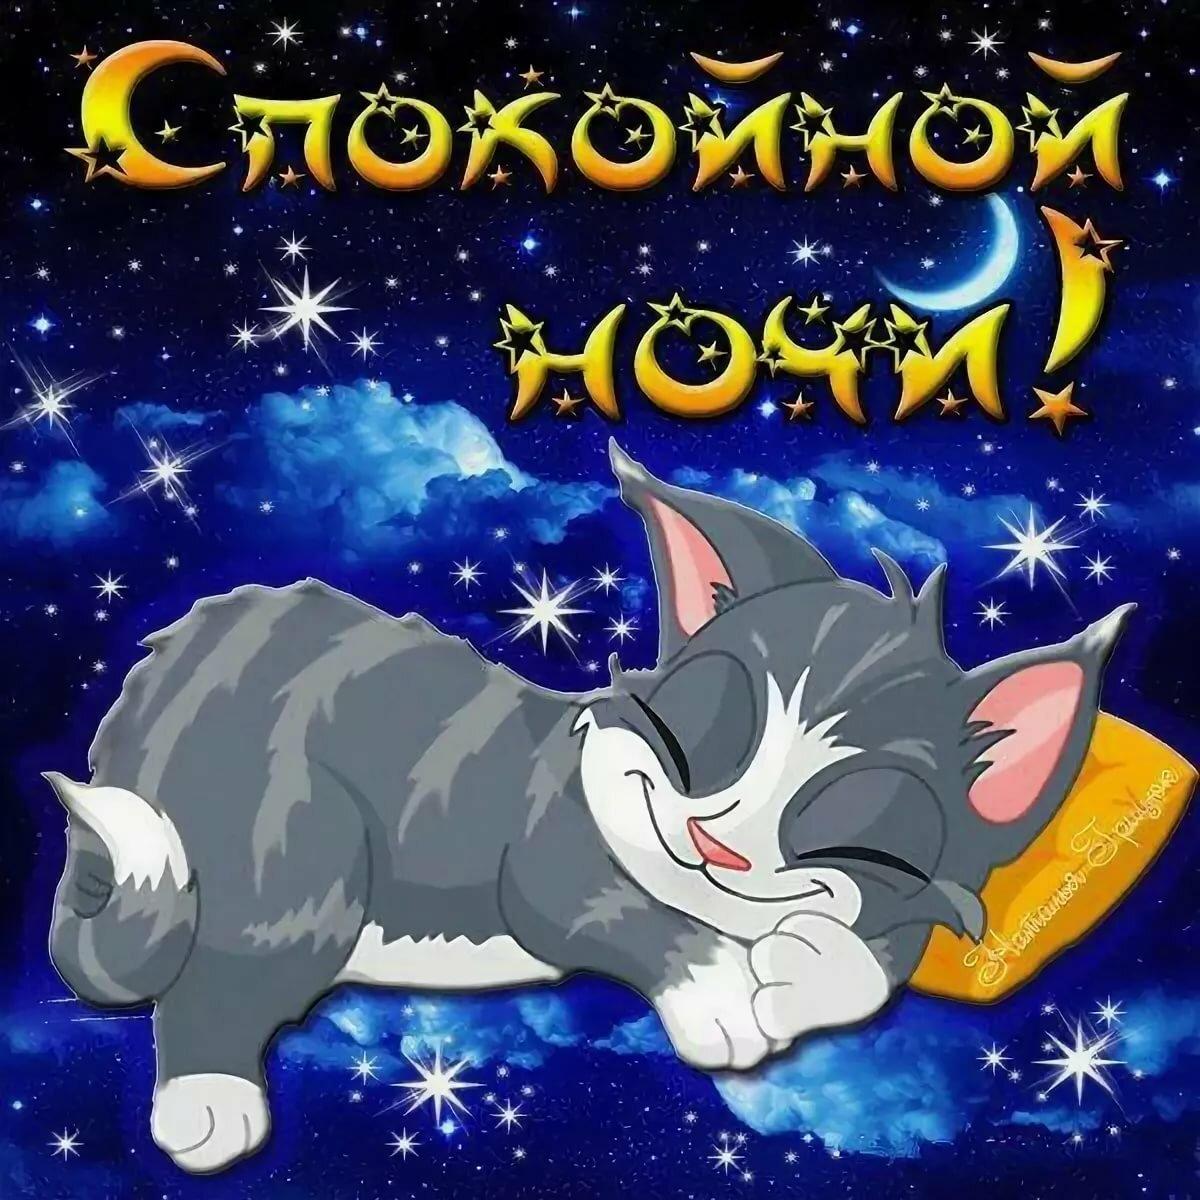 Гифки мужу, открытка веселая спокойной ночи